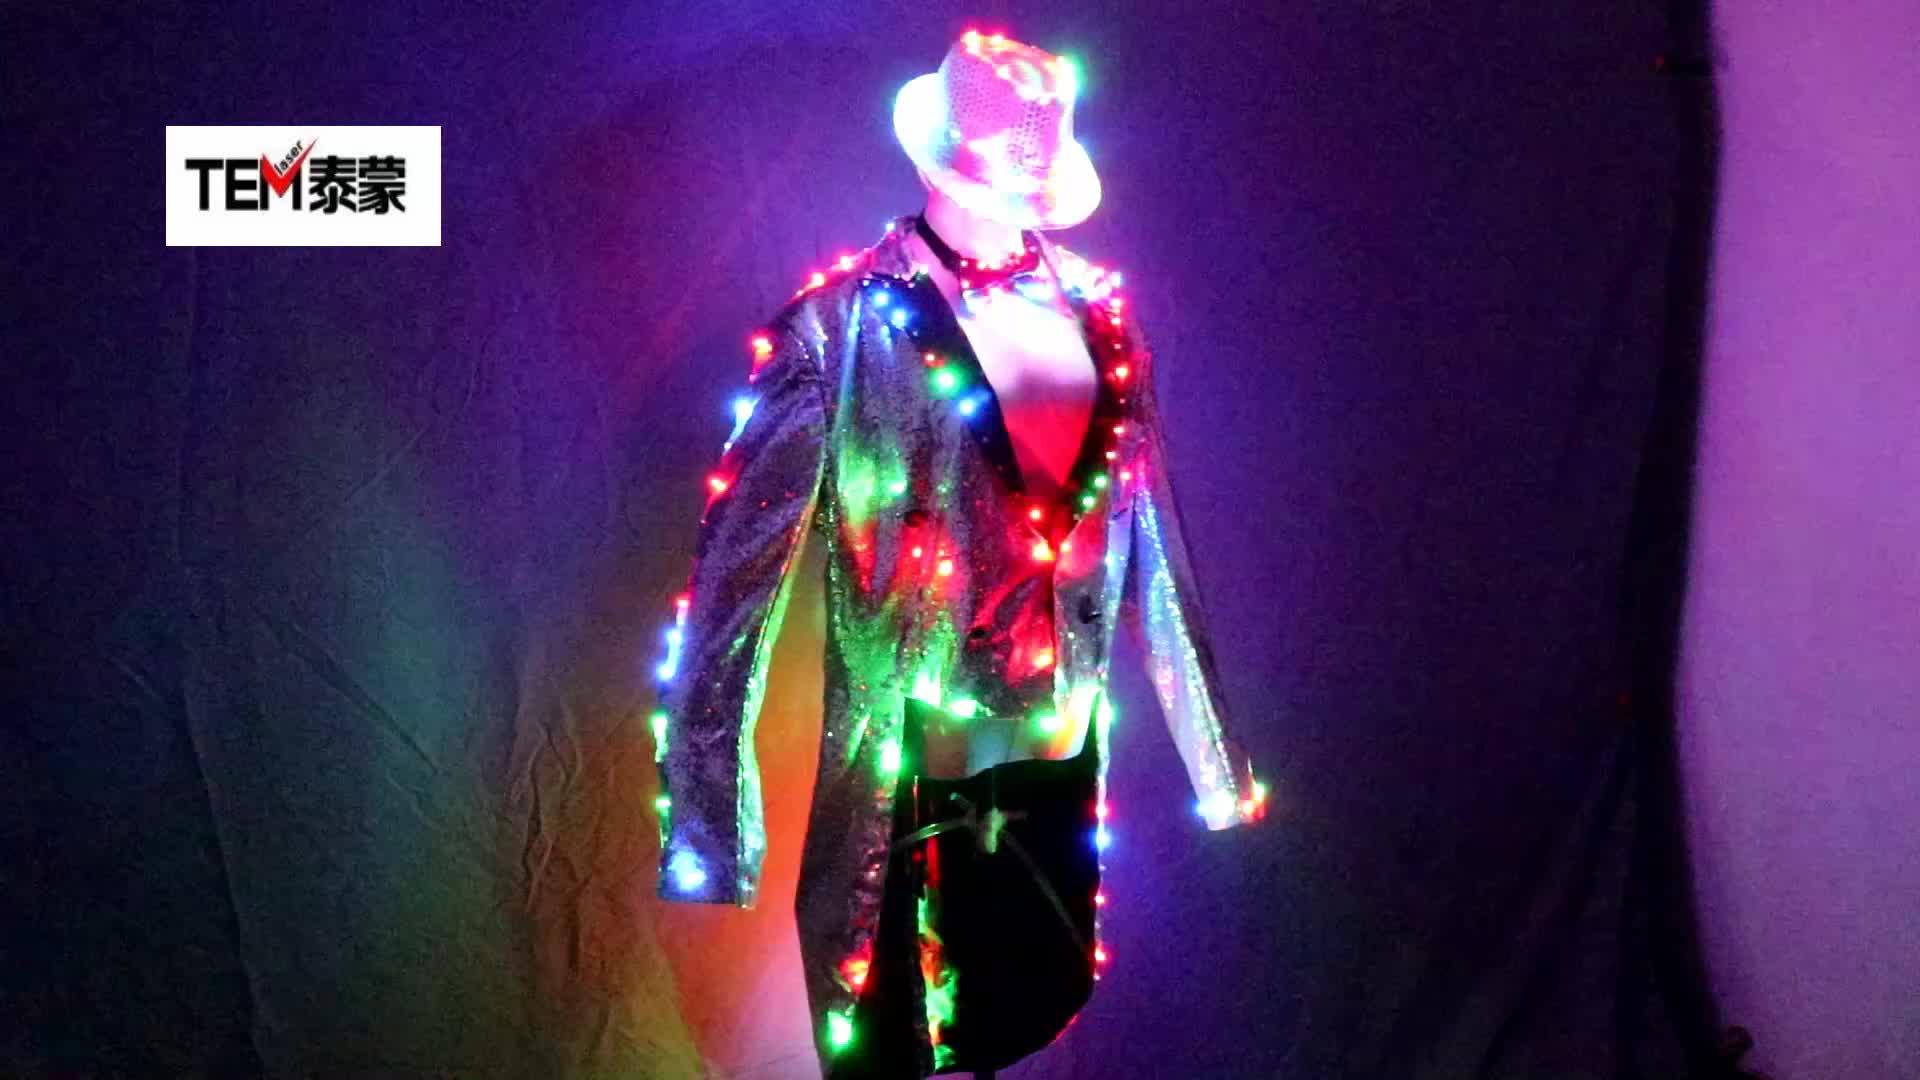 ファッションアゲハチョウ LED タキシード発光衣装グローイング vestidos LED 服のショー男性 LED 洋服ダンスのアクセサリー